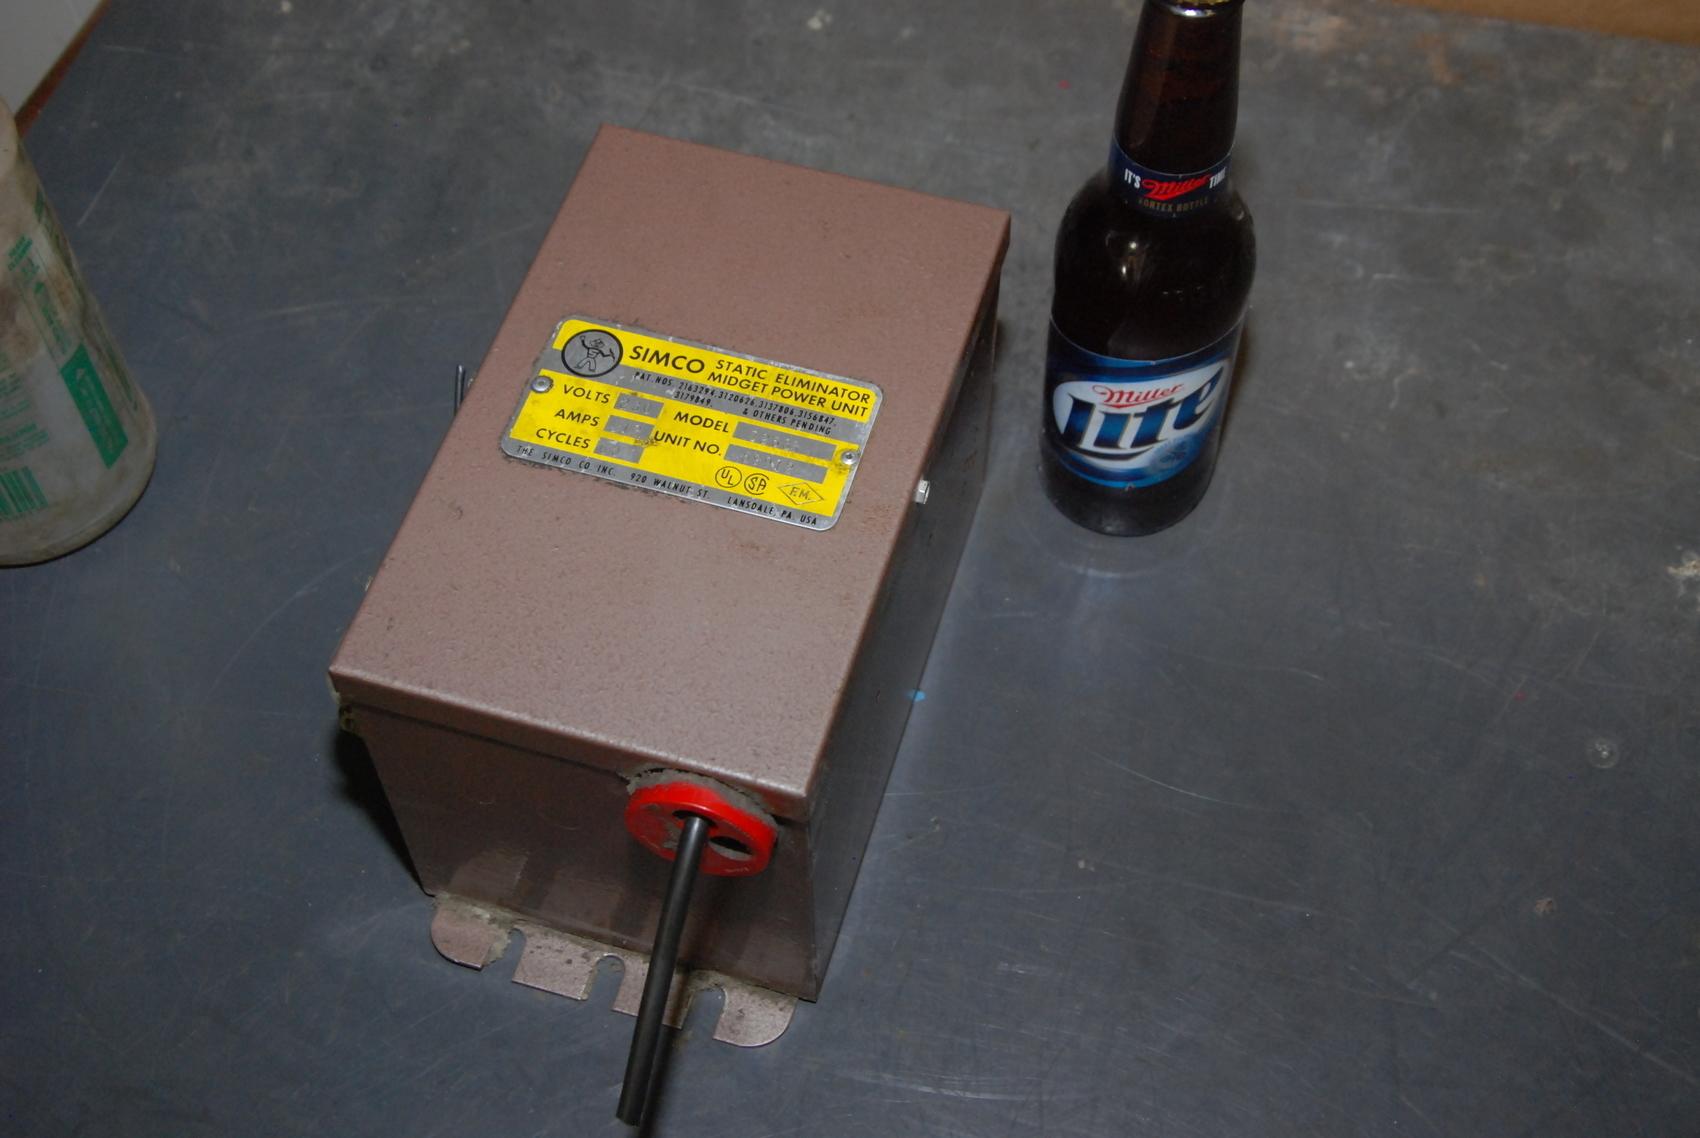 Simco D268R Static Eliminator Midget Power Unit